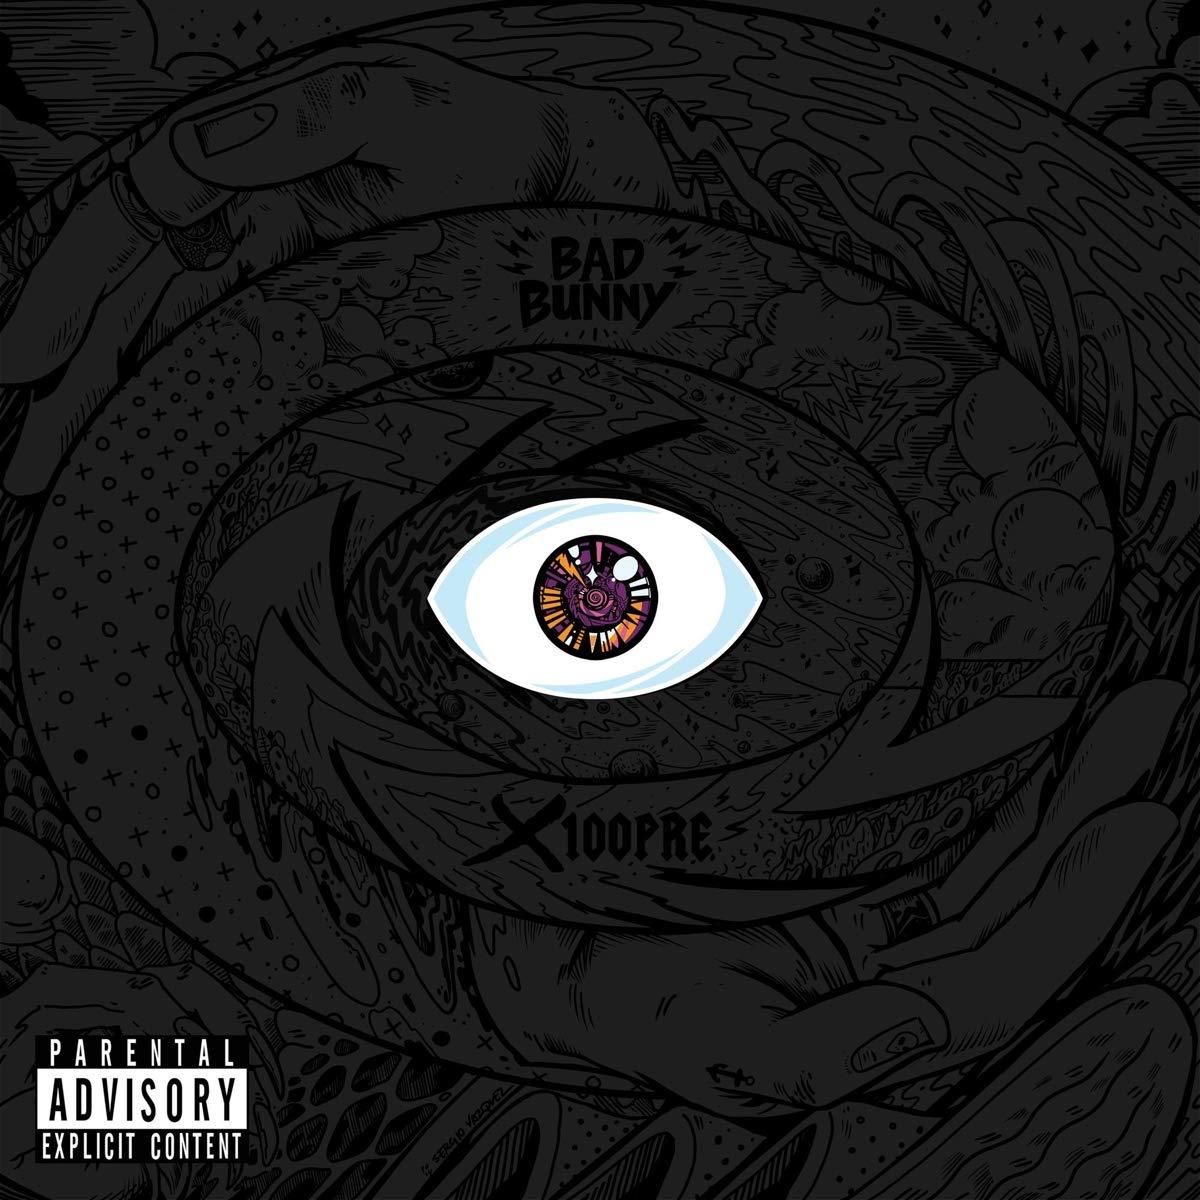 X 100PRE (2LP Gatefold) by Bad Bunny Por Siempre (X100PRE)